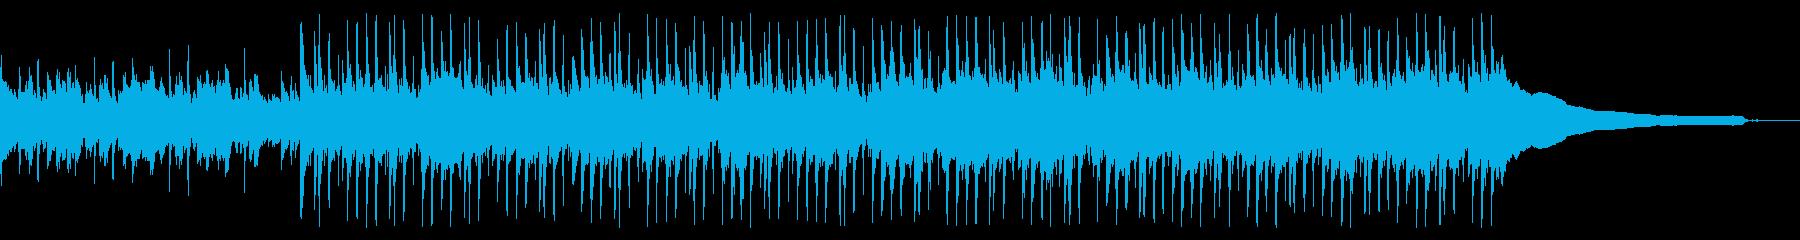 のどかでキラキラしたアコギ 60秒版の再生済みの波形